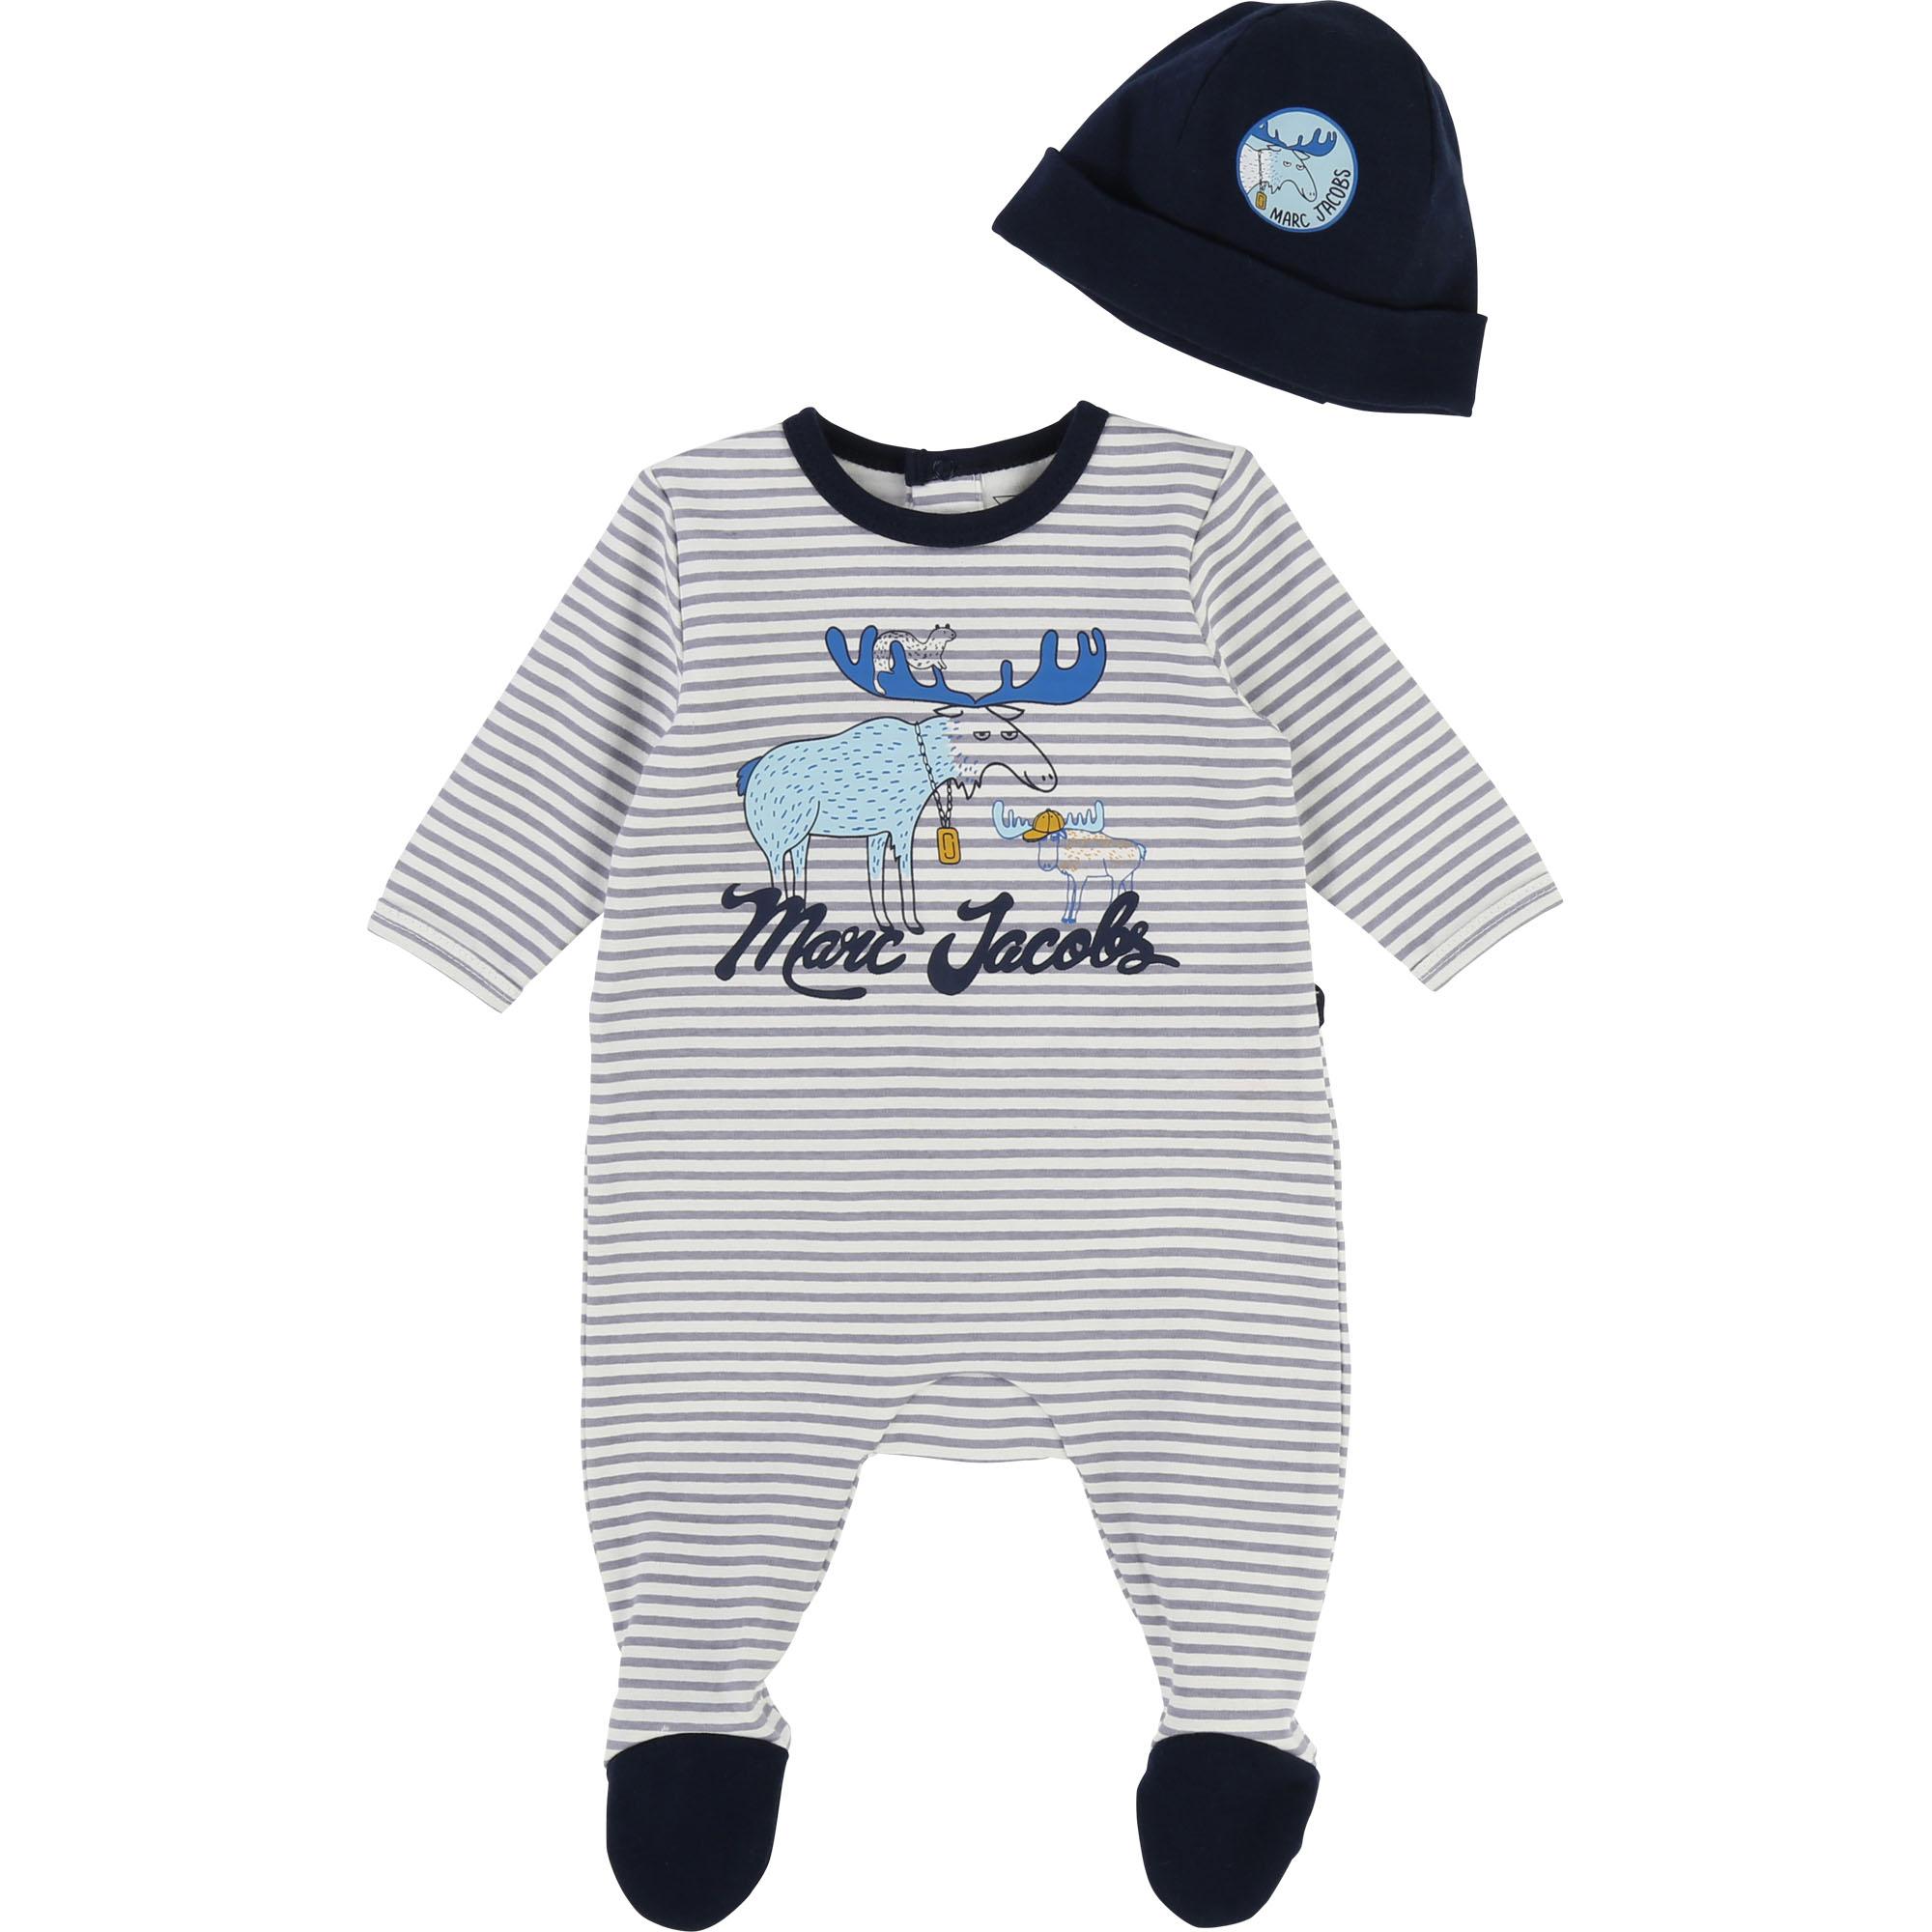 Ensemble pyjama et bonnet THE MARC JACOBS BEBE COUCHE UNISEXE Gris